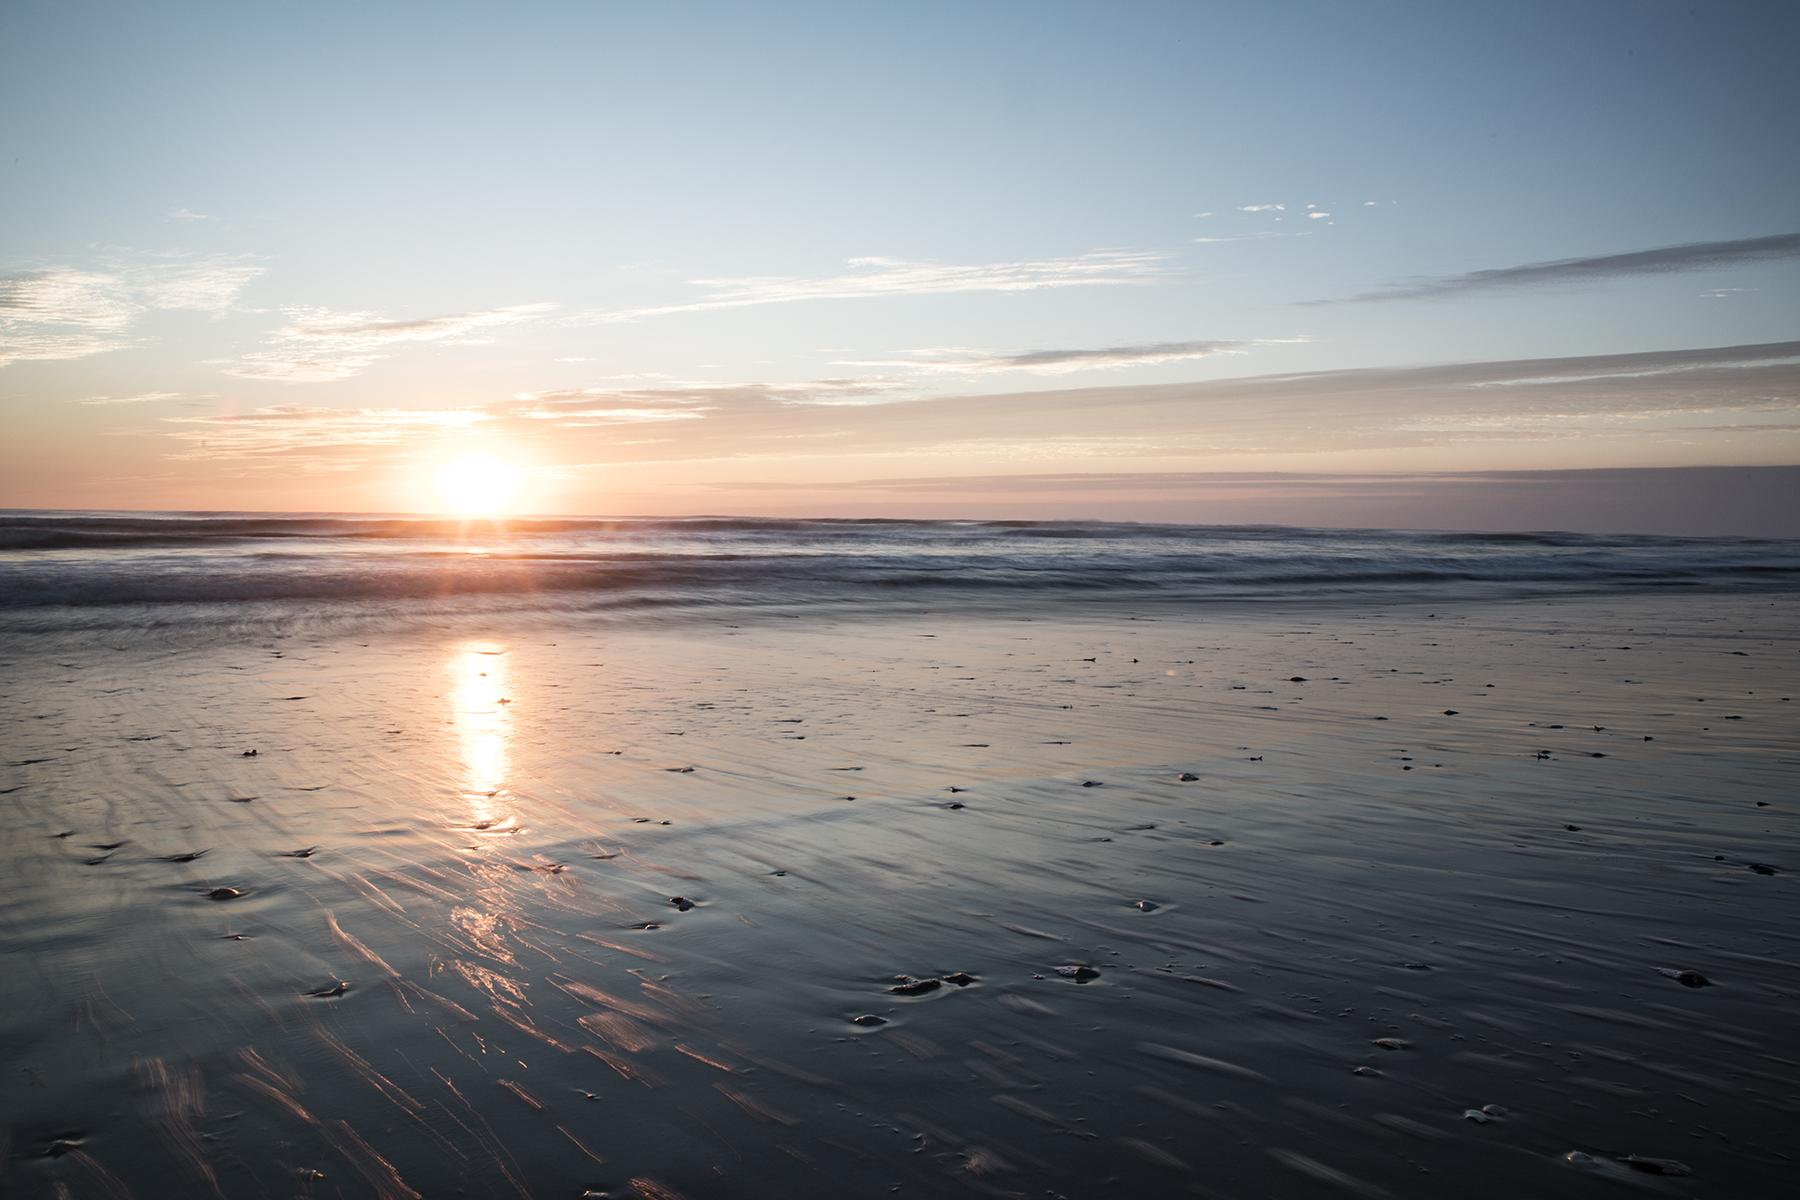 Sunrise over the Atlantic, Maria had finally left the area.